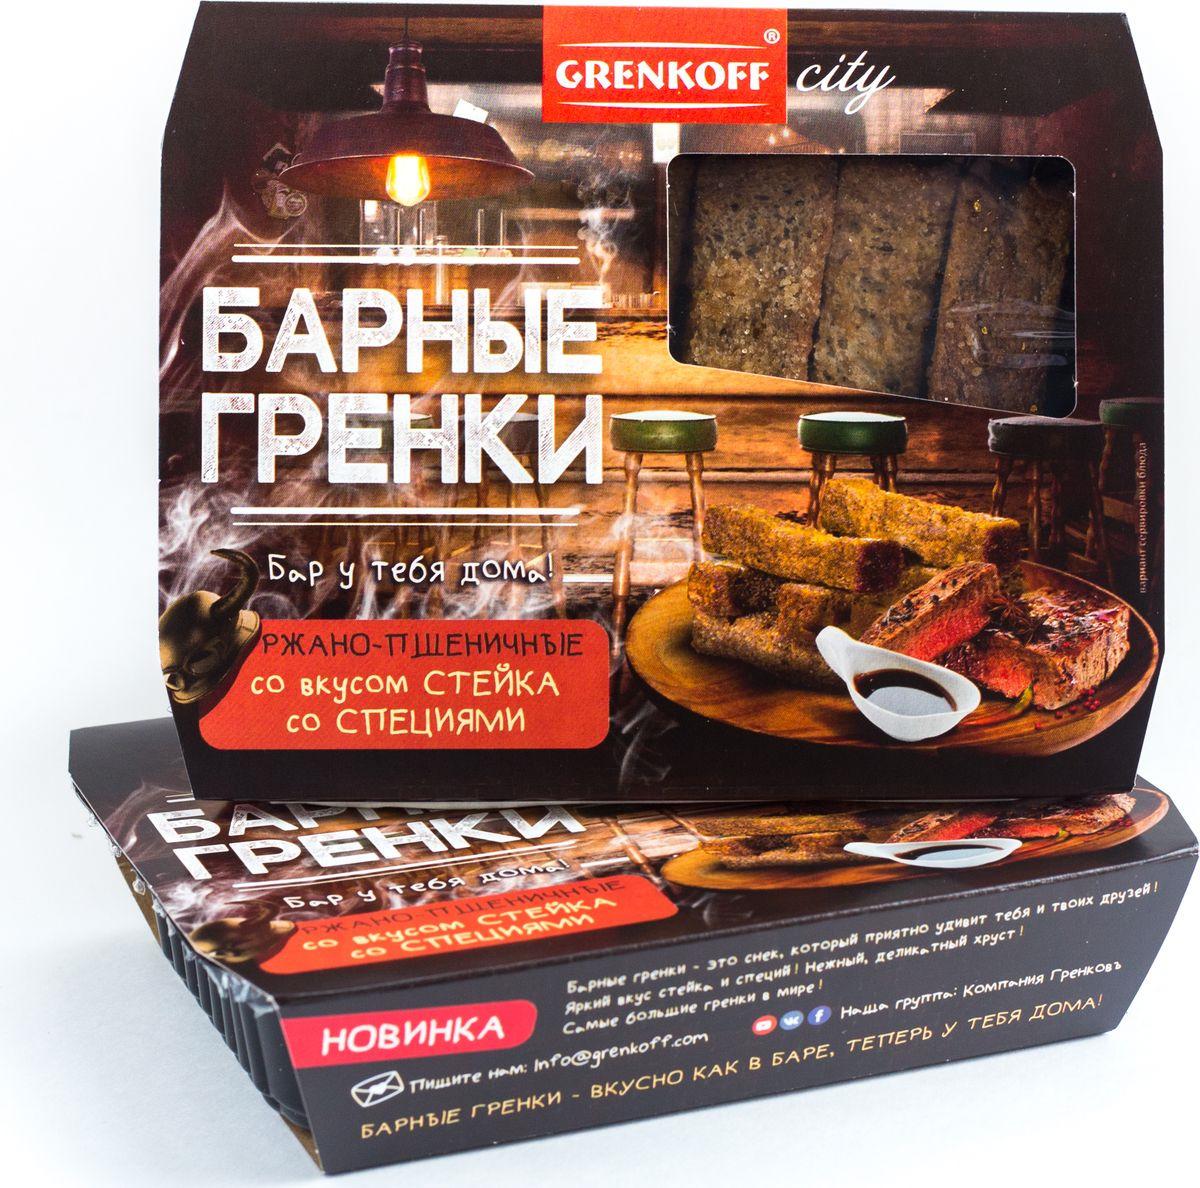 Сухарики Гренковъ, барные гренки ржано-пшеничные, со вкусом стейка со специями, 70 г гренковъ сухарики ржаные с луком и чесноком 100 г